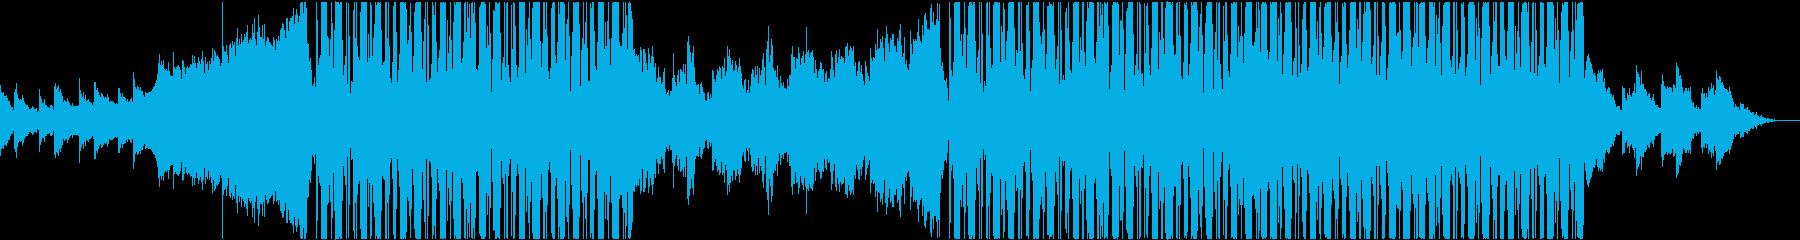 アンビエント フューチャ ベース ...の再生済みの波形